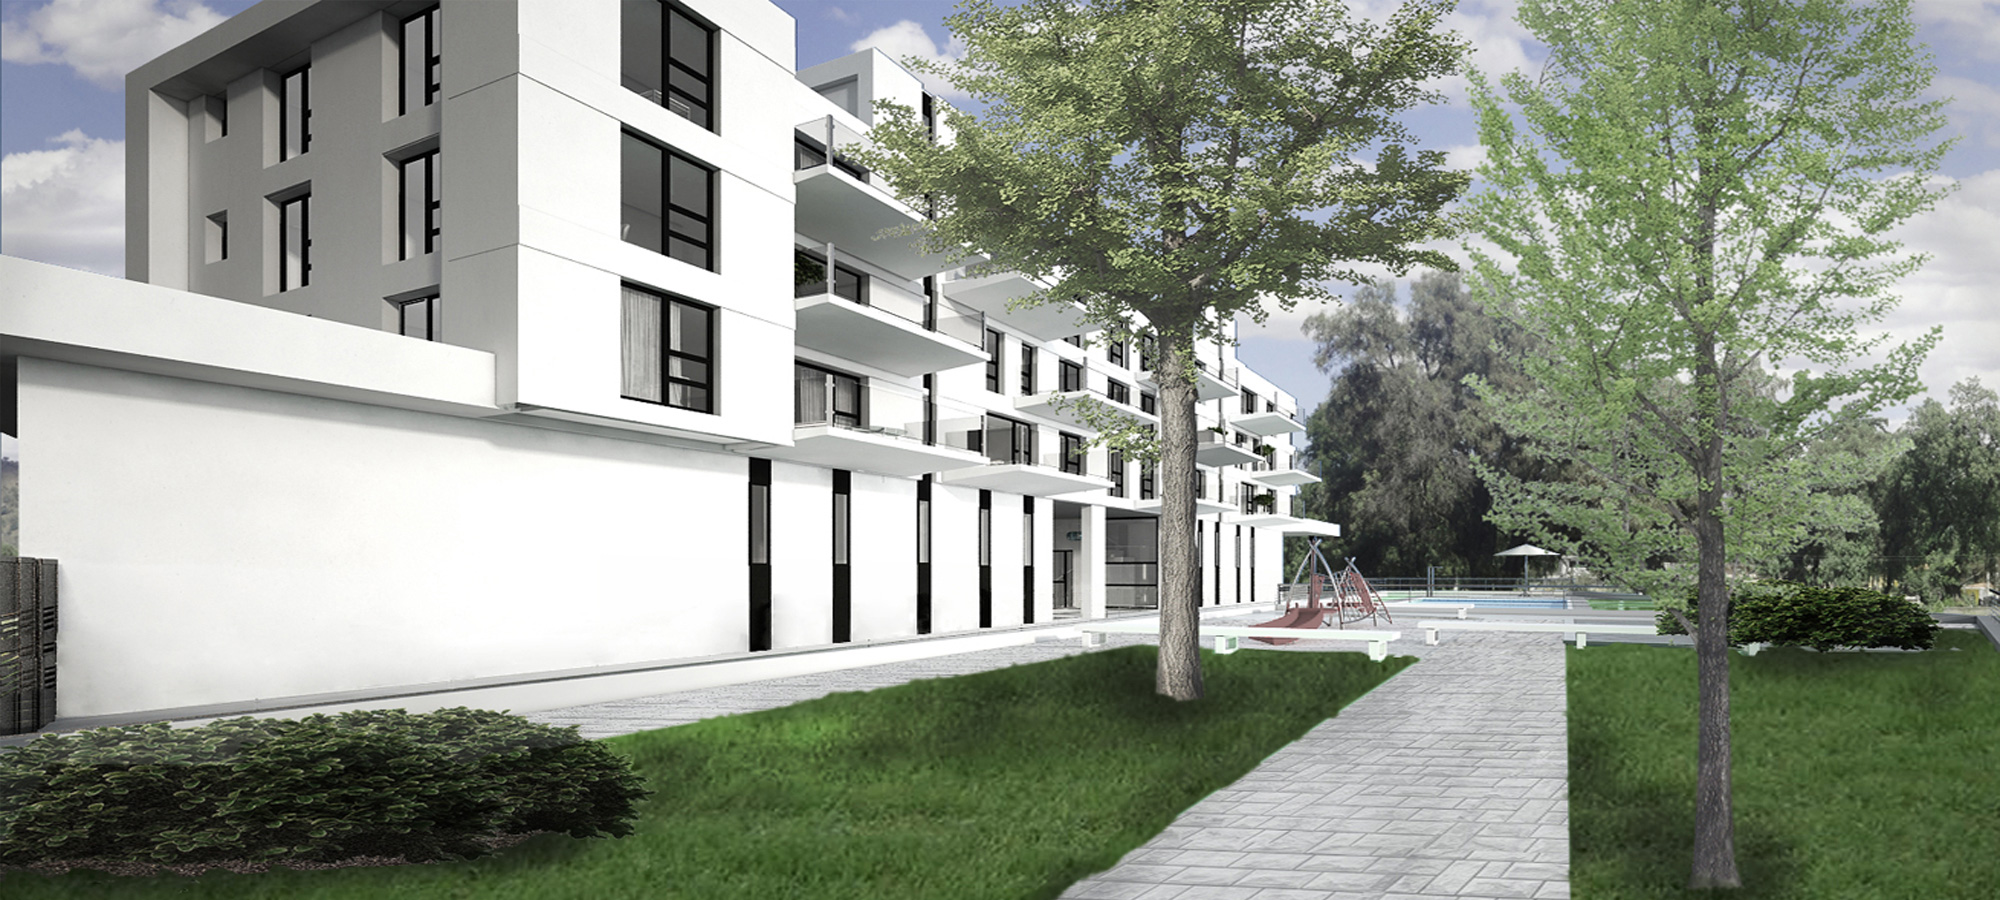 Edificio Puerta-de-Valencia-Zonas-Comunes-Jardínl